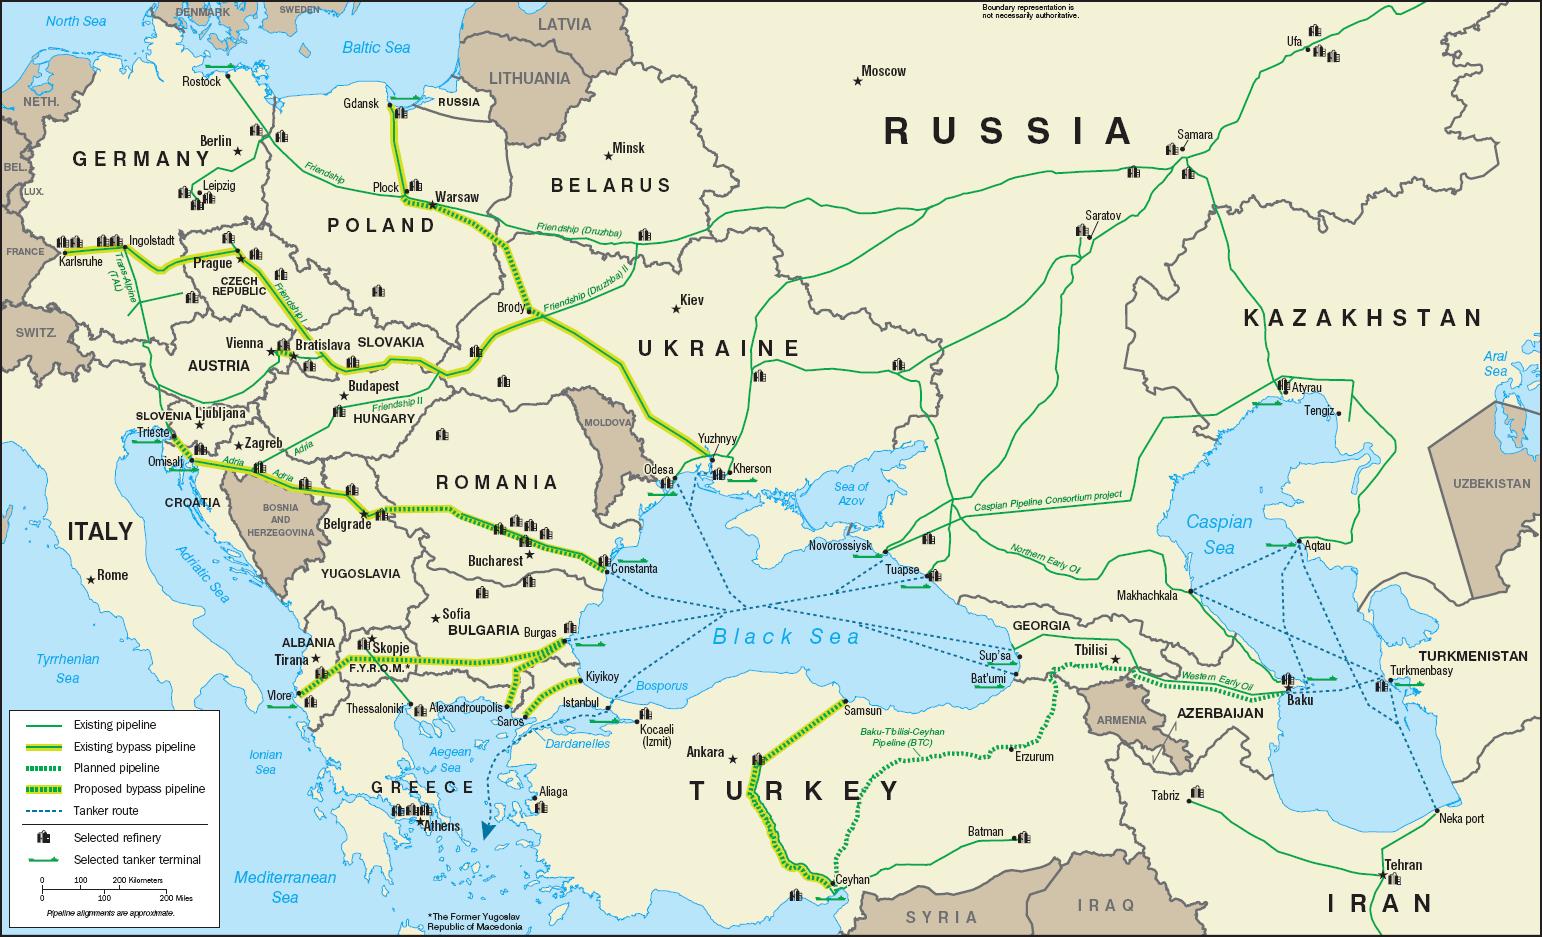 Λουκασένκο μεταξύ Ανατολής και Δύσης και ο αγωγός Druzhba